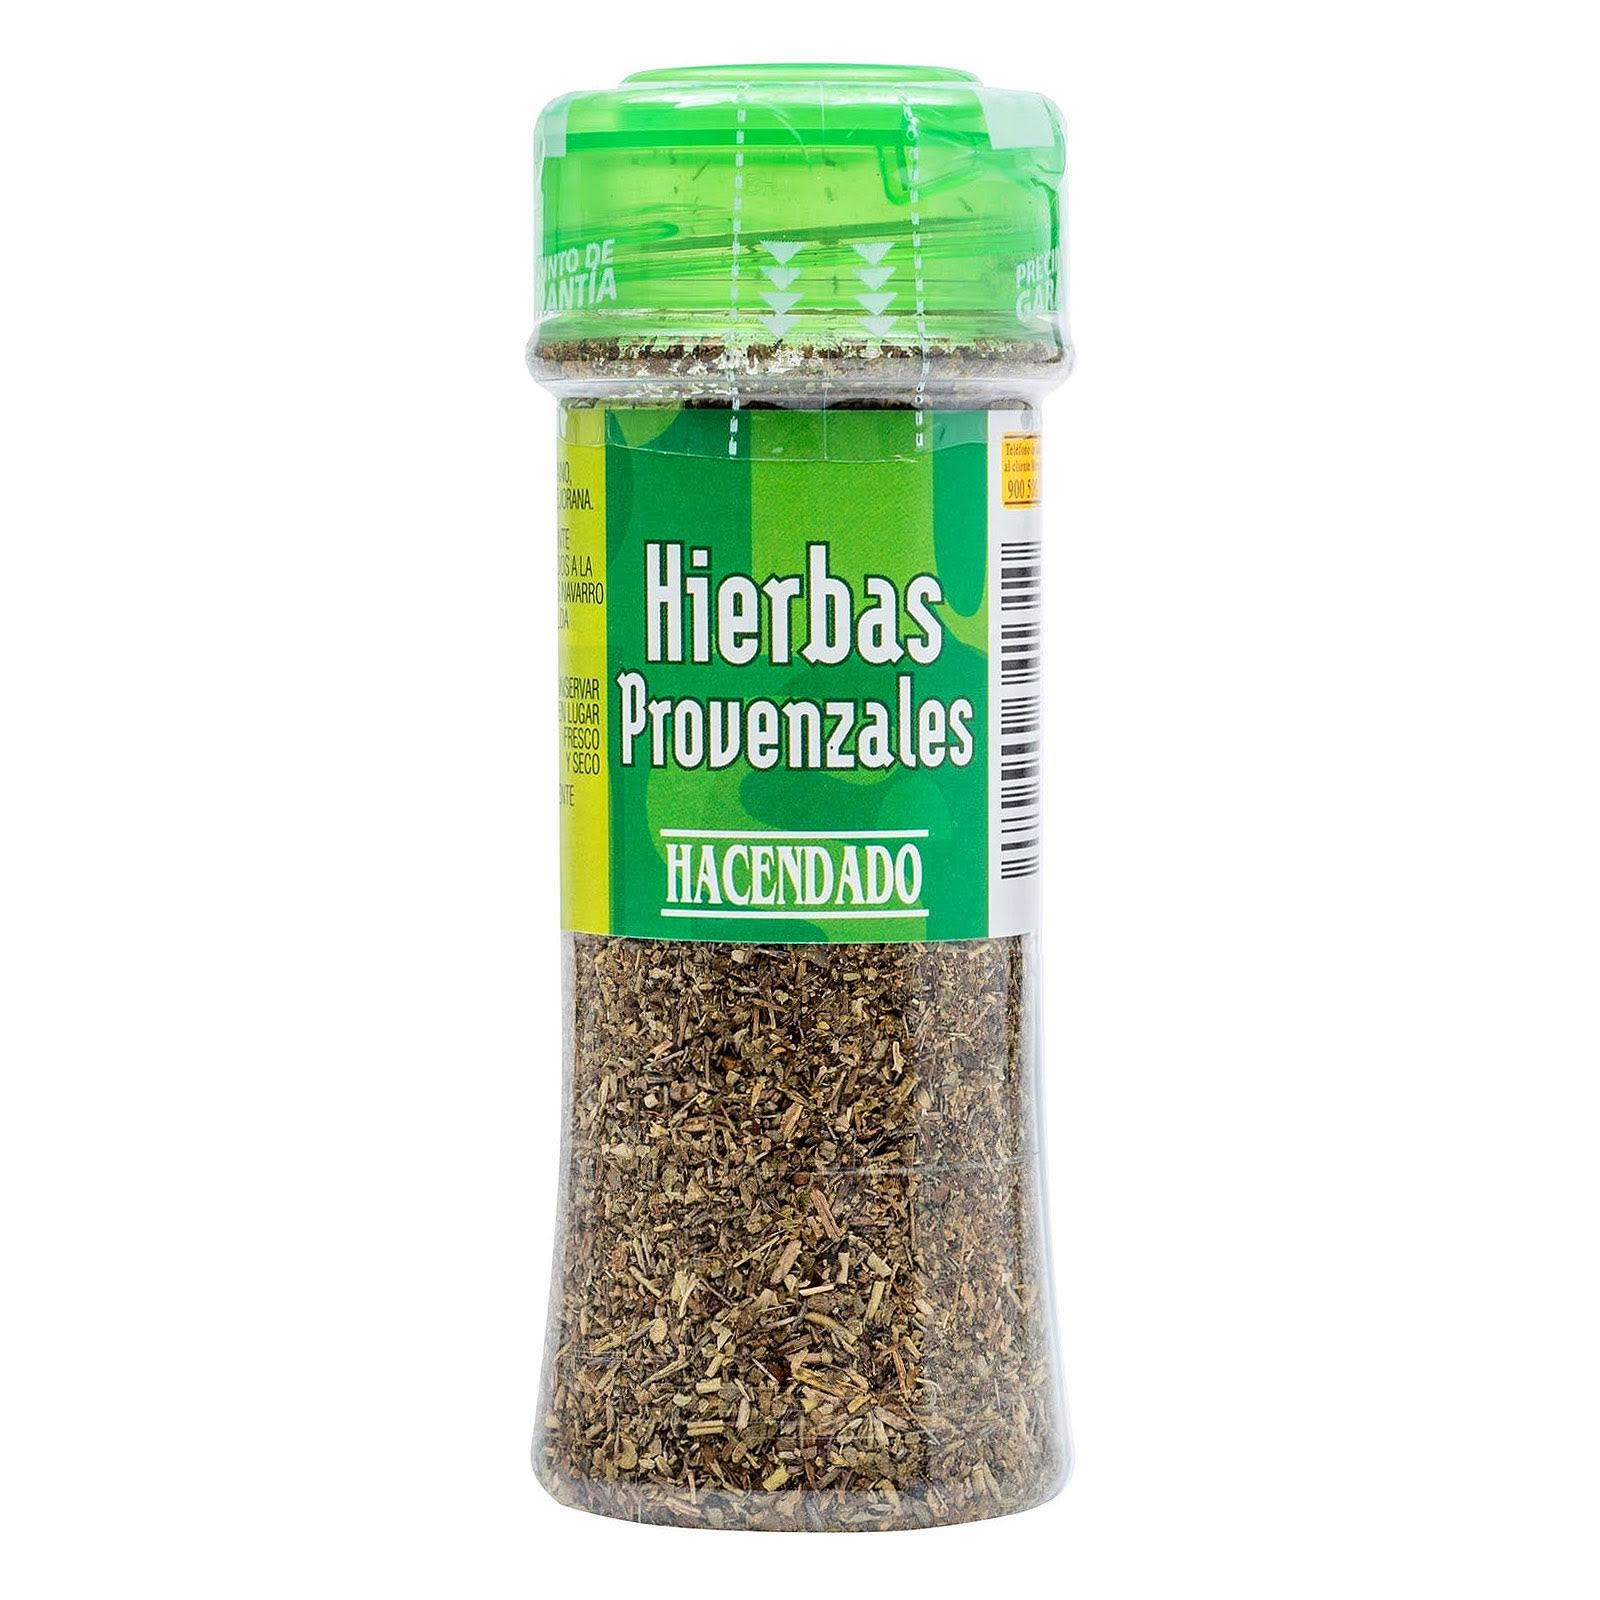 Hierbas provenzales Hacendado